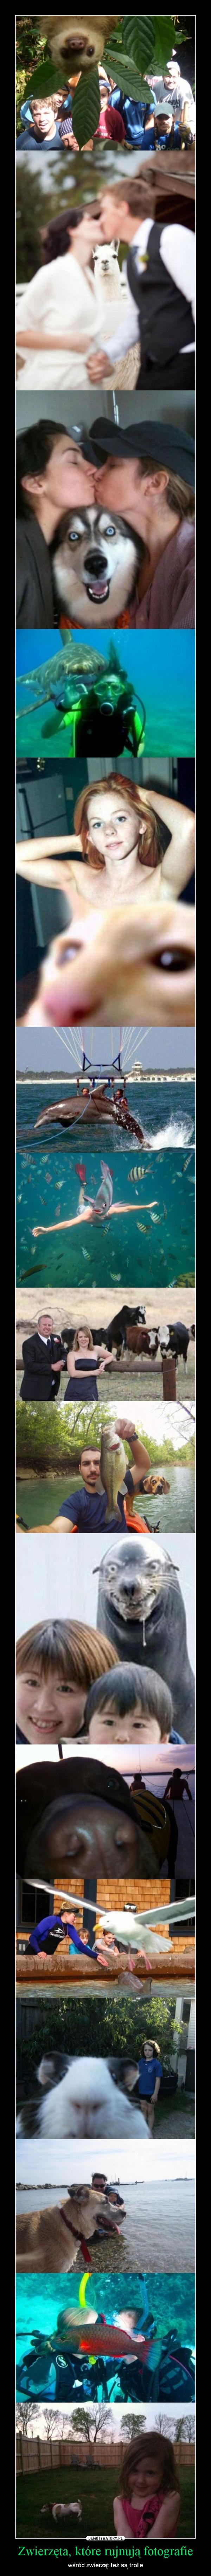 Zwierzęta, które rujnują fotografie – wśród zwierząt też są trolle